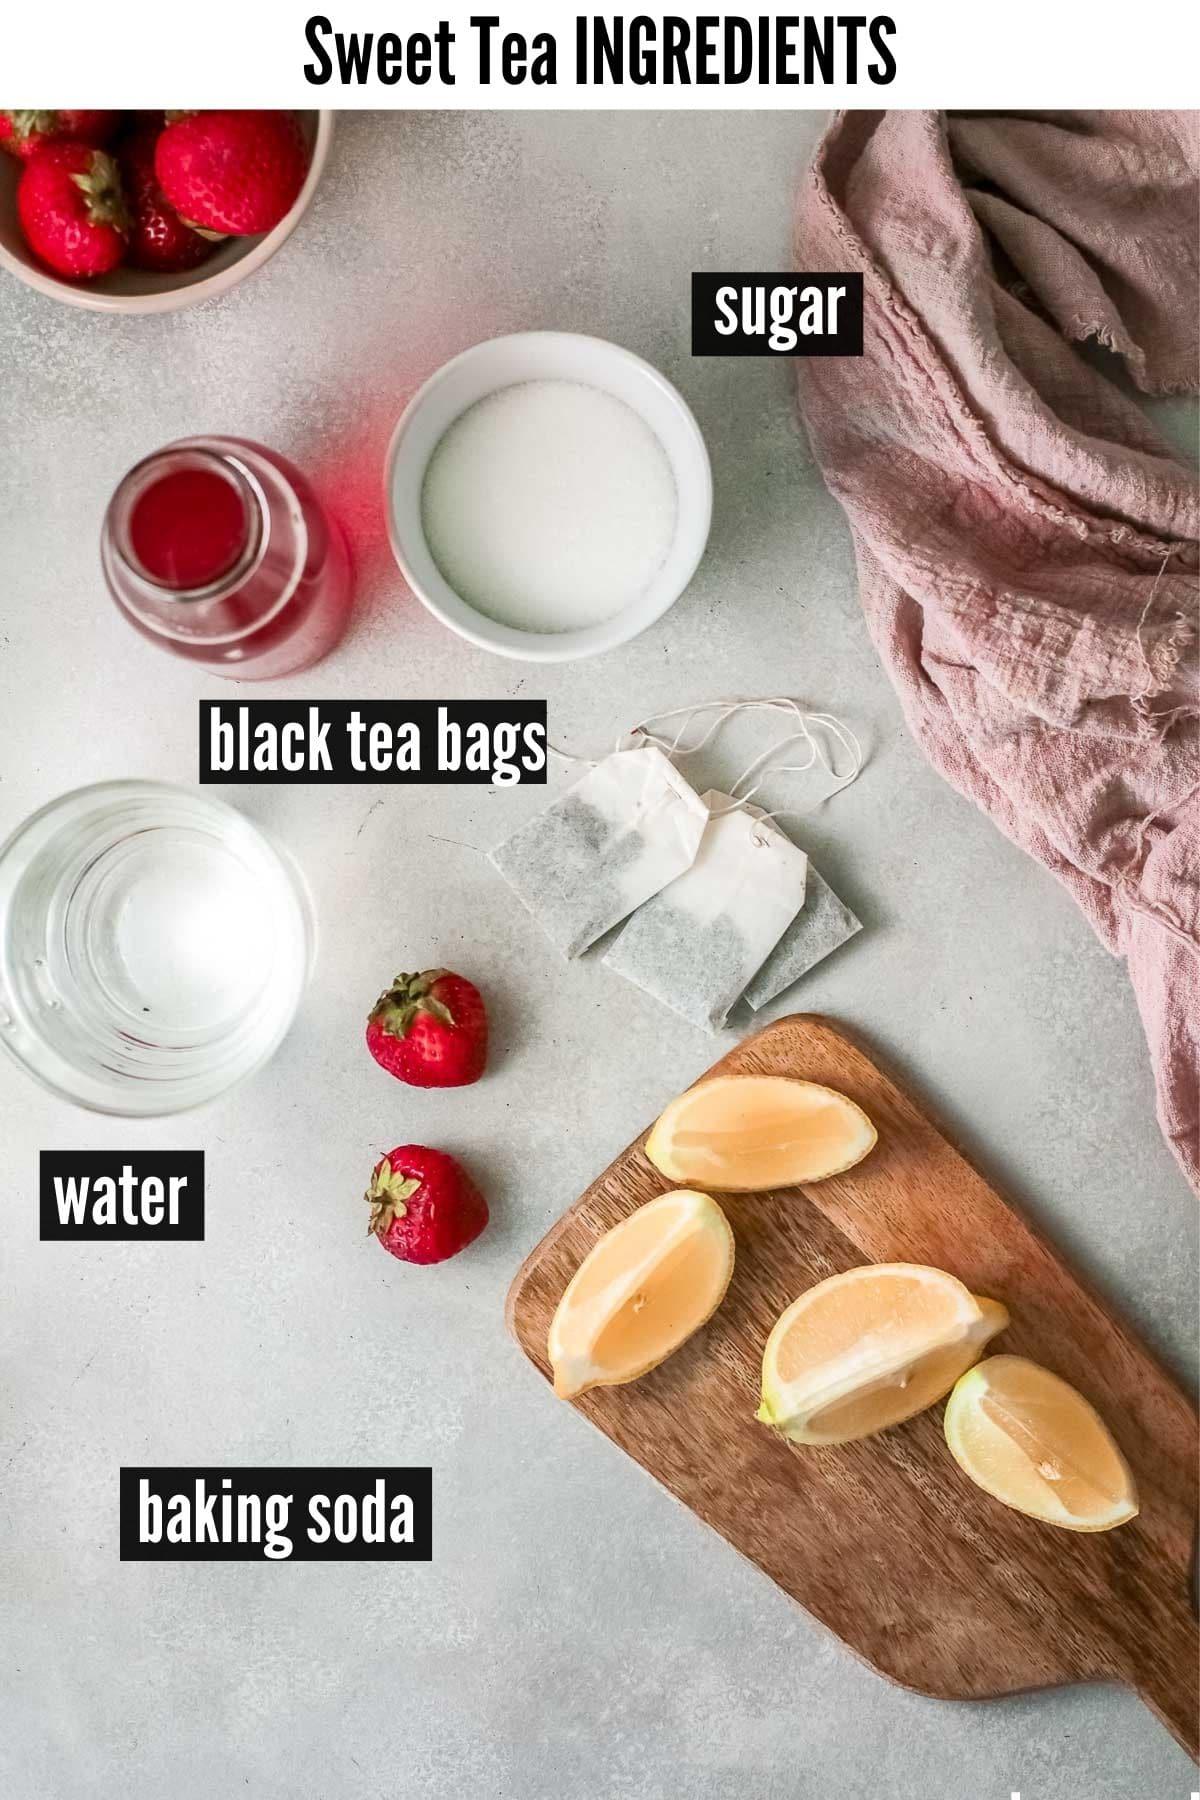 sweet tea ingredients